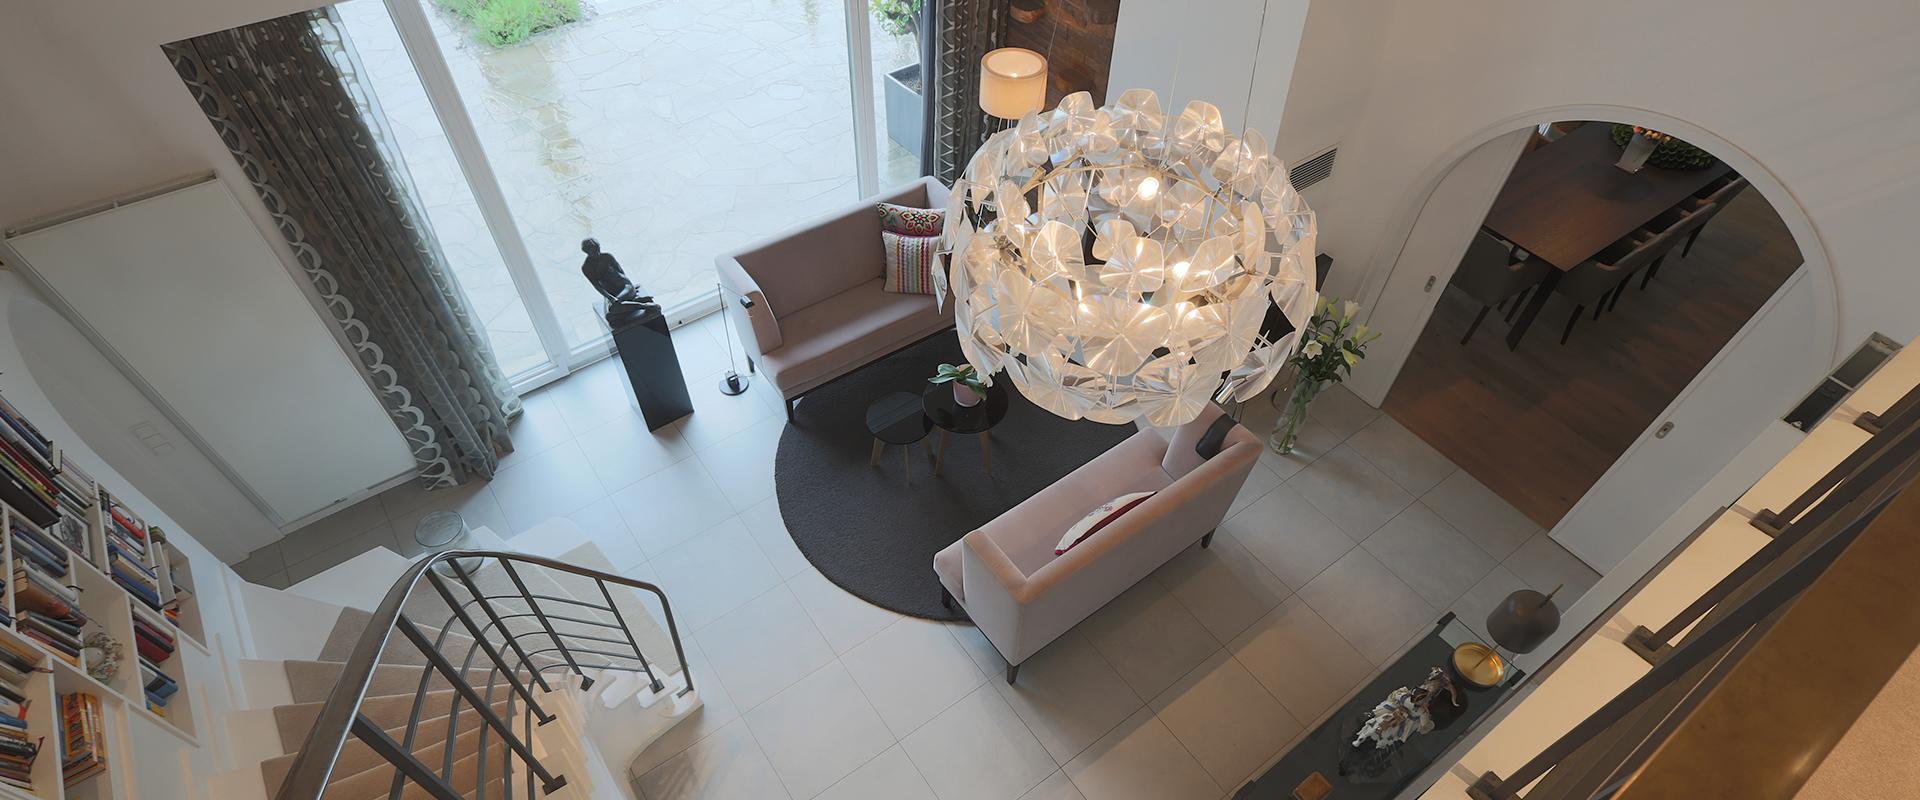 Homestory: Hans G. Bock verwandelte die Eingangshalle in ein modern-elegantes Entree.